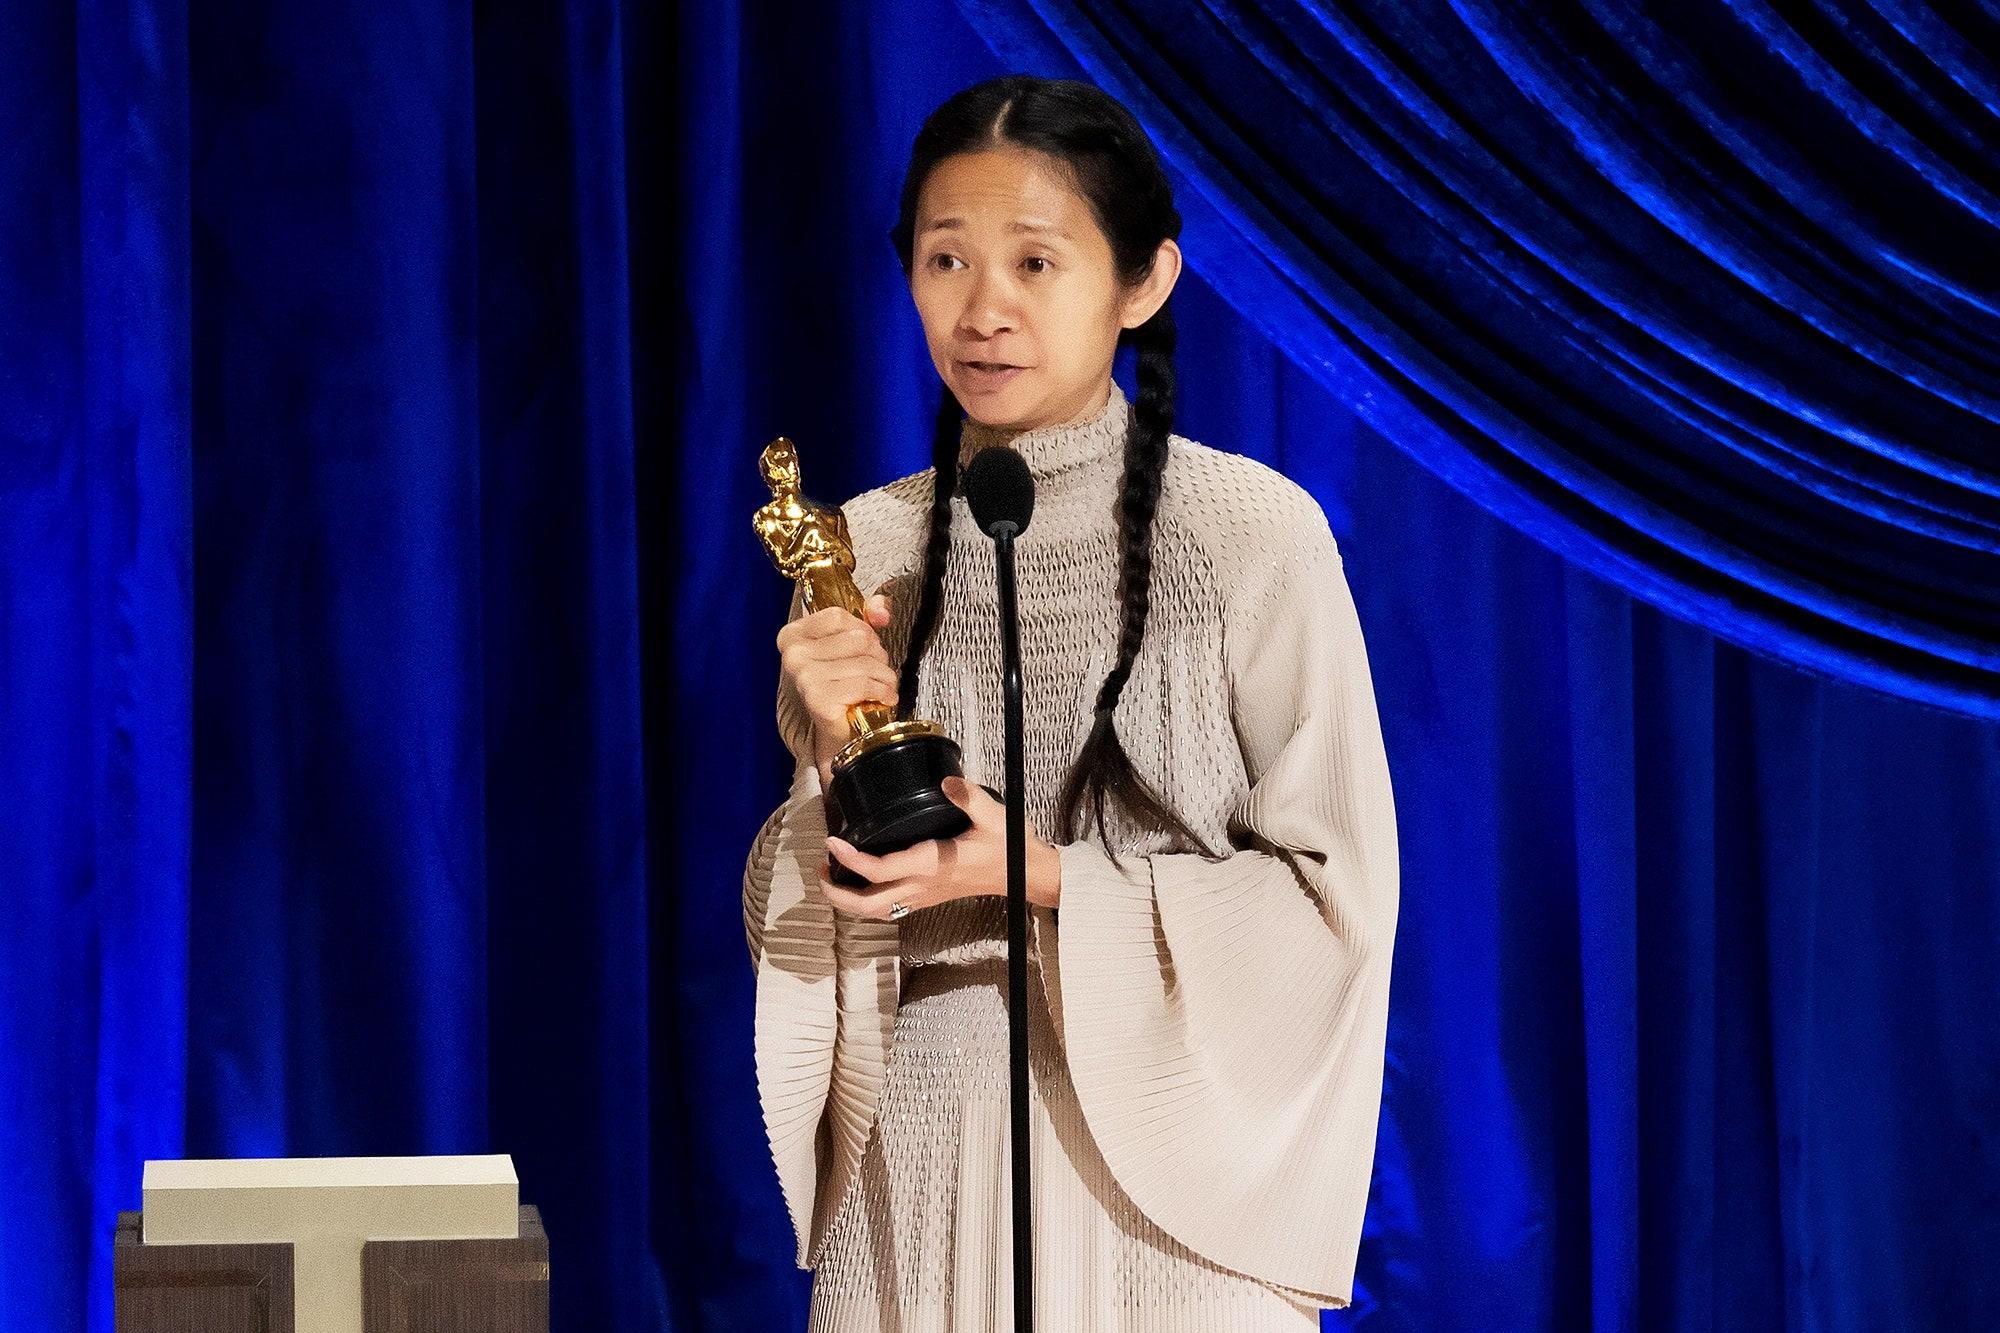 Oscars: Los 8 mejores momentos de una ceremonia íntima, histórica y con un final sorprendente